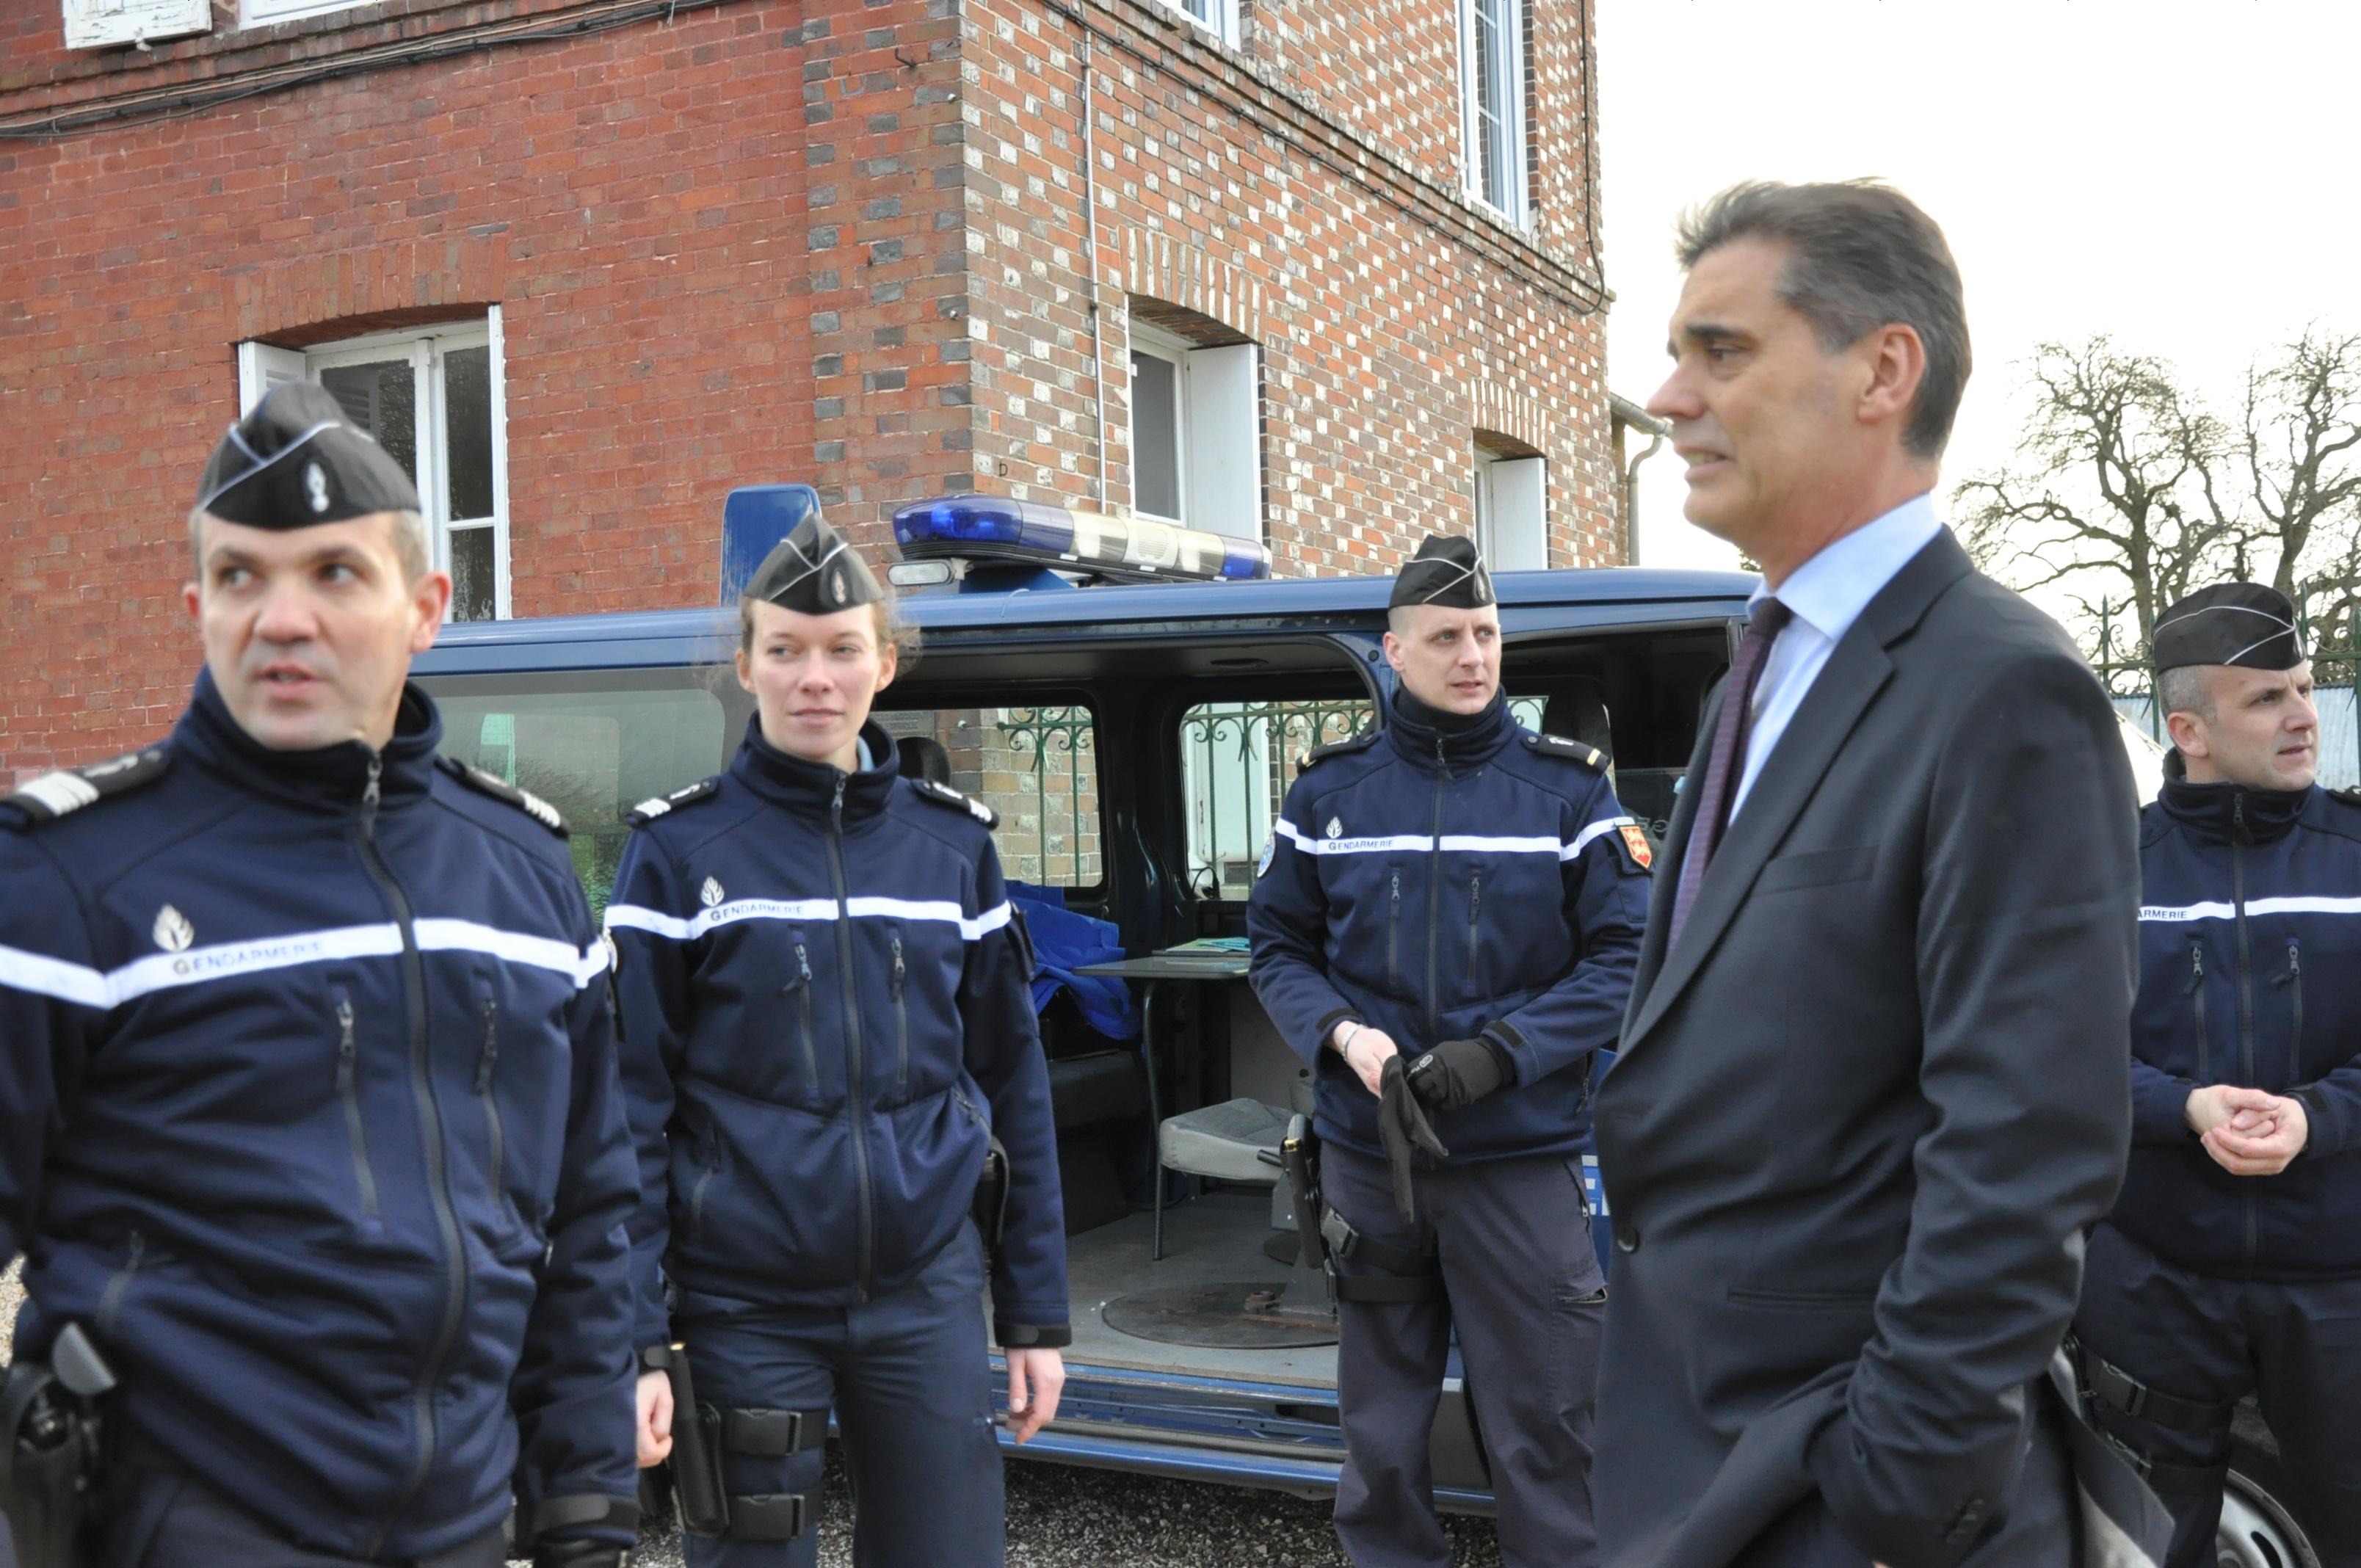 Le préfet Dominique Sorain a partricipé au débriefing avant le début de l'opération, au Tremblay-Omonville, avec le colonel Dubuis et la capitaine Laurence Delphinet (EDSR) @InfoNormandie.com